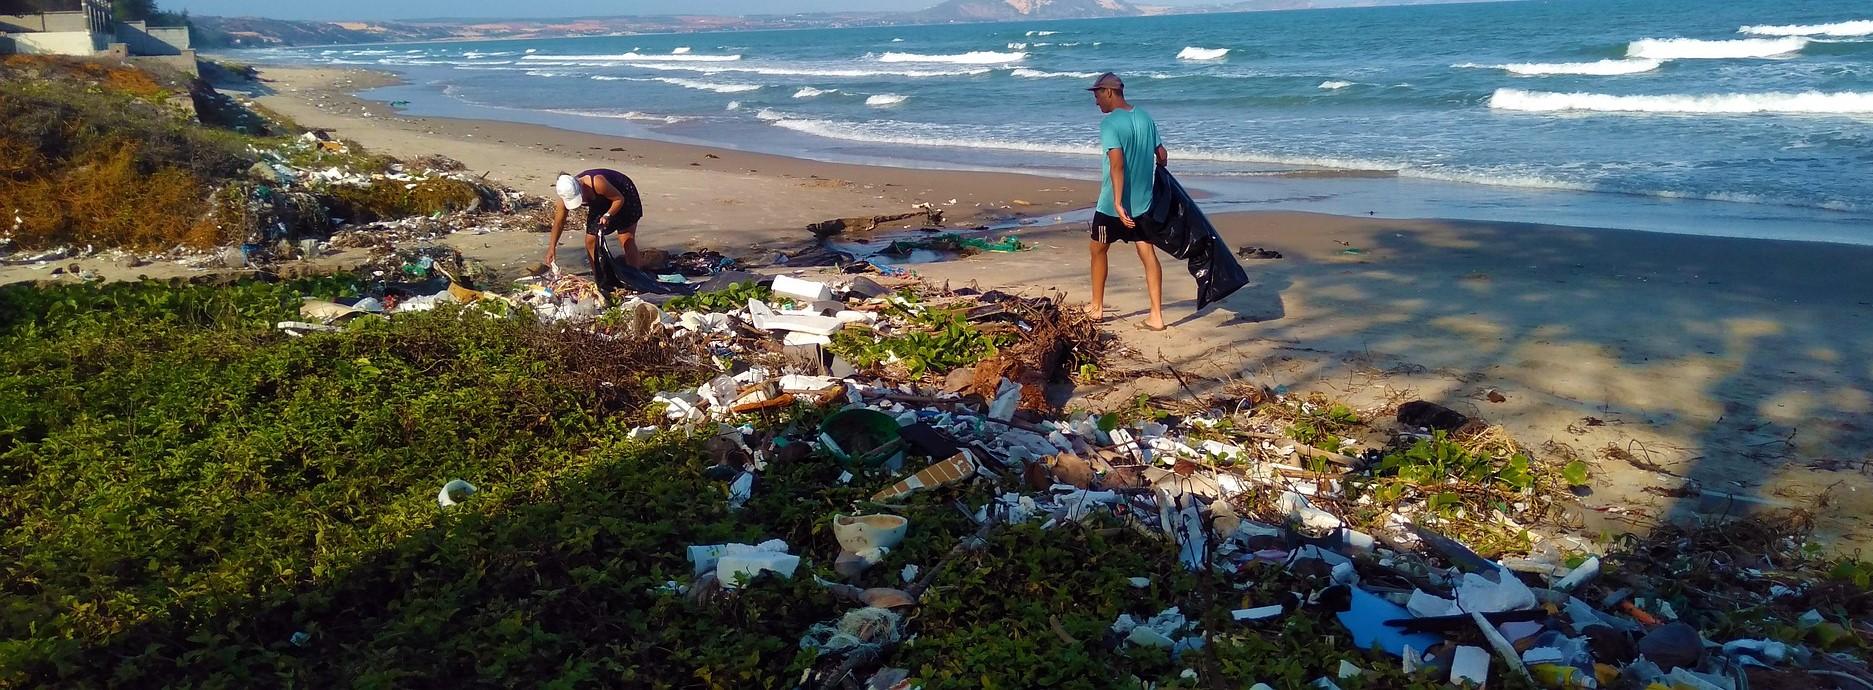 Welke plastic wegwerp producten zijn verboden vanaf juli 2021?